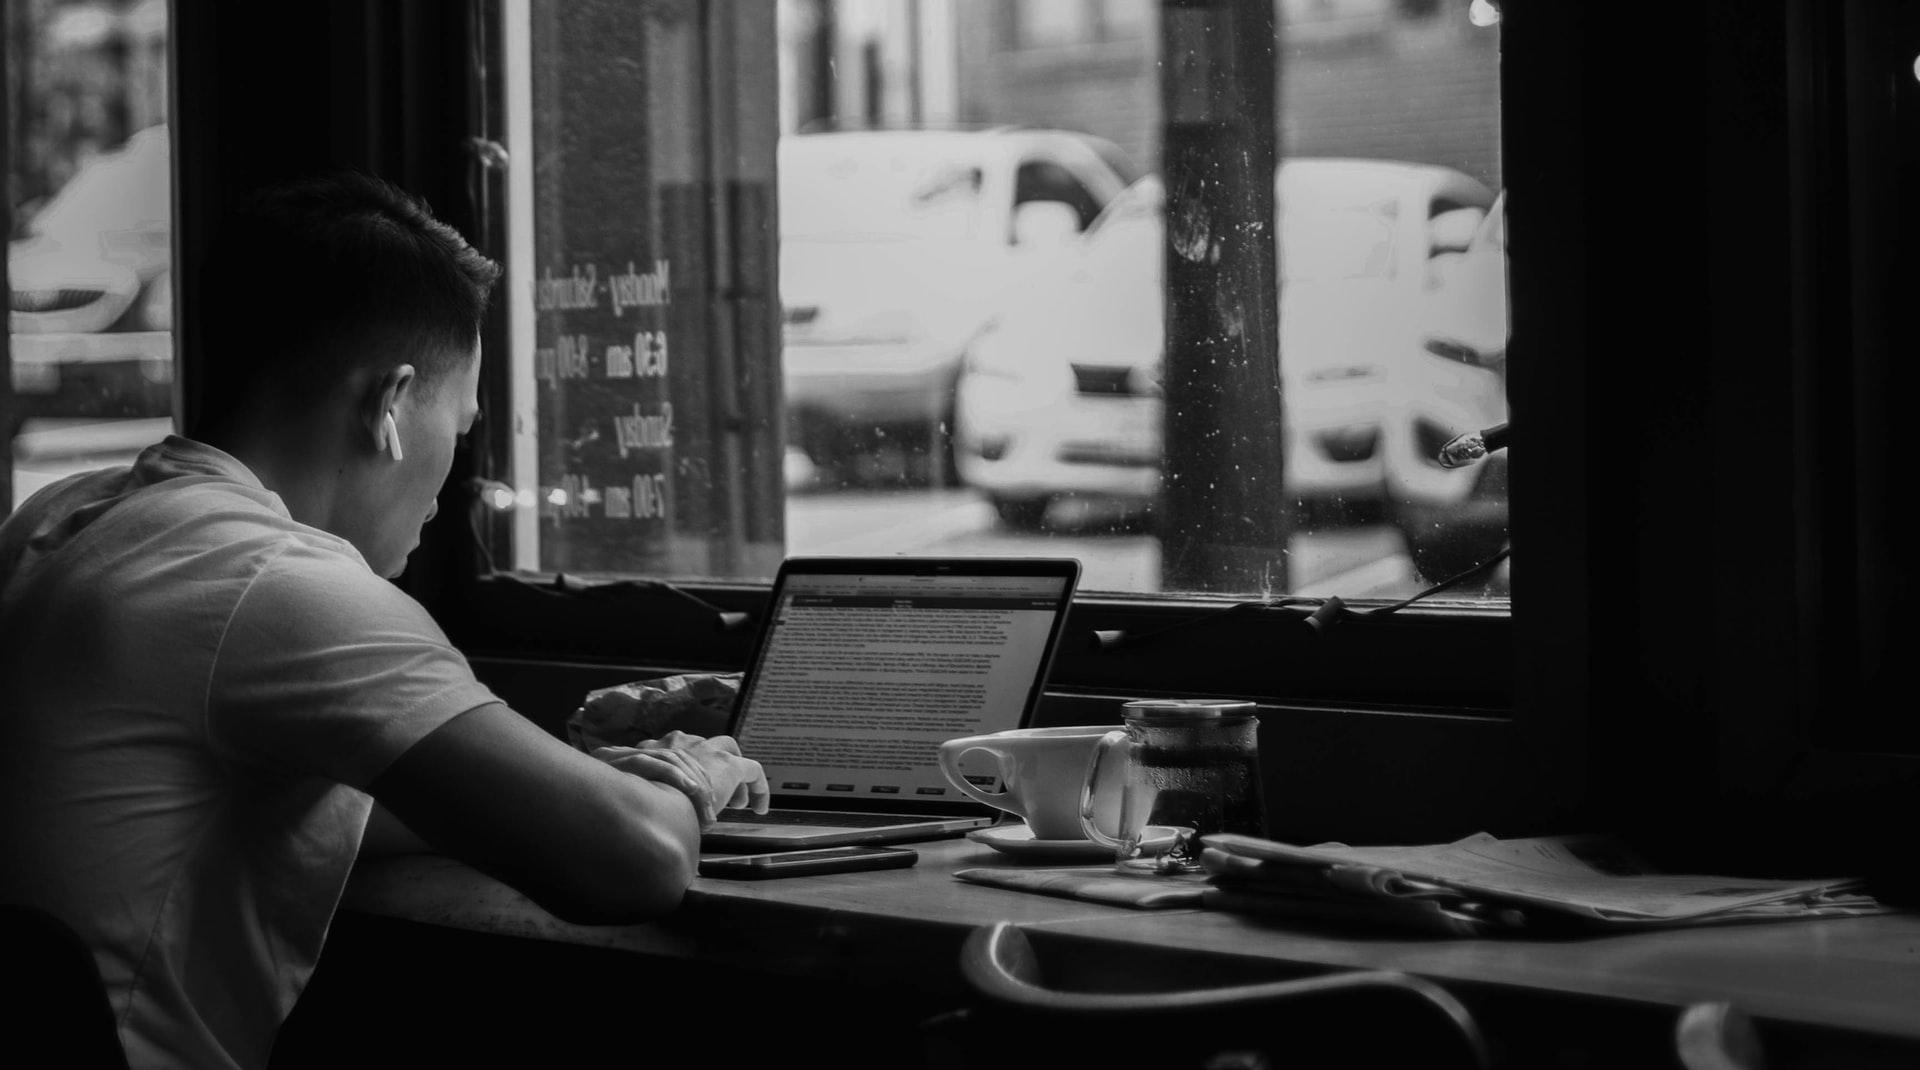 一人でカフェでプログラミングを勉強する青年